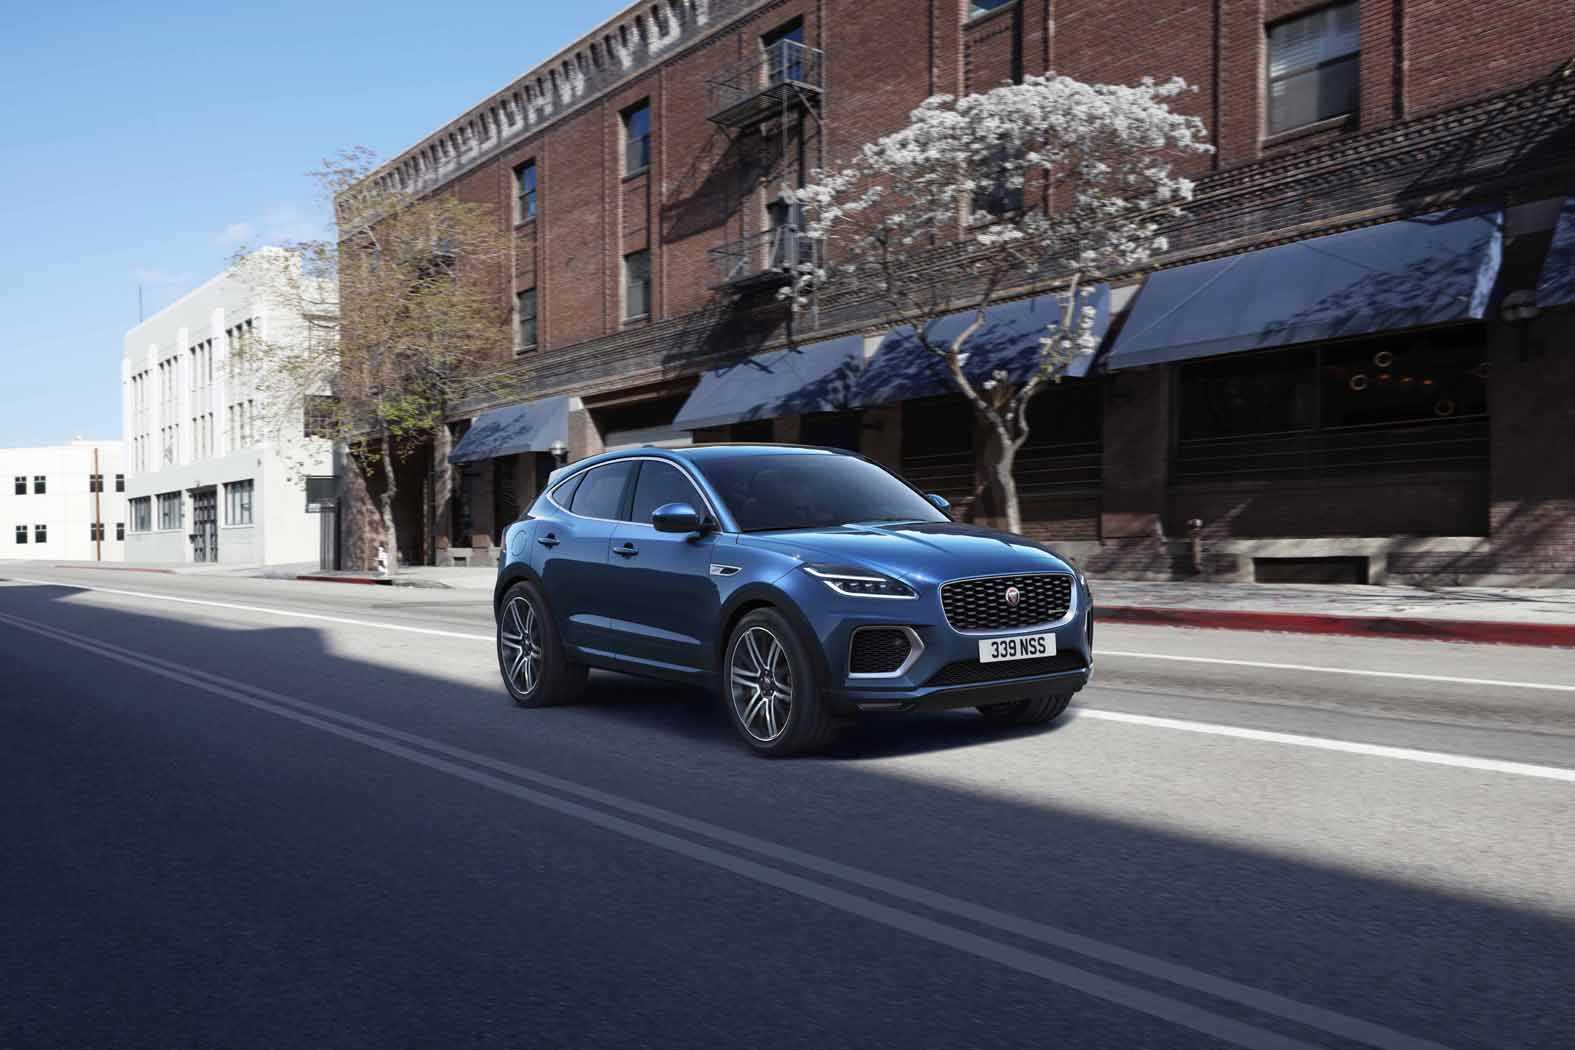 Jaguar f-pace 2019-2020 цена, технические характеристики, фото, видео тест-драйв ф-пейс